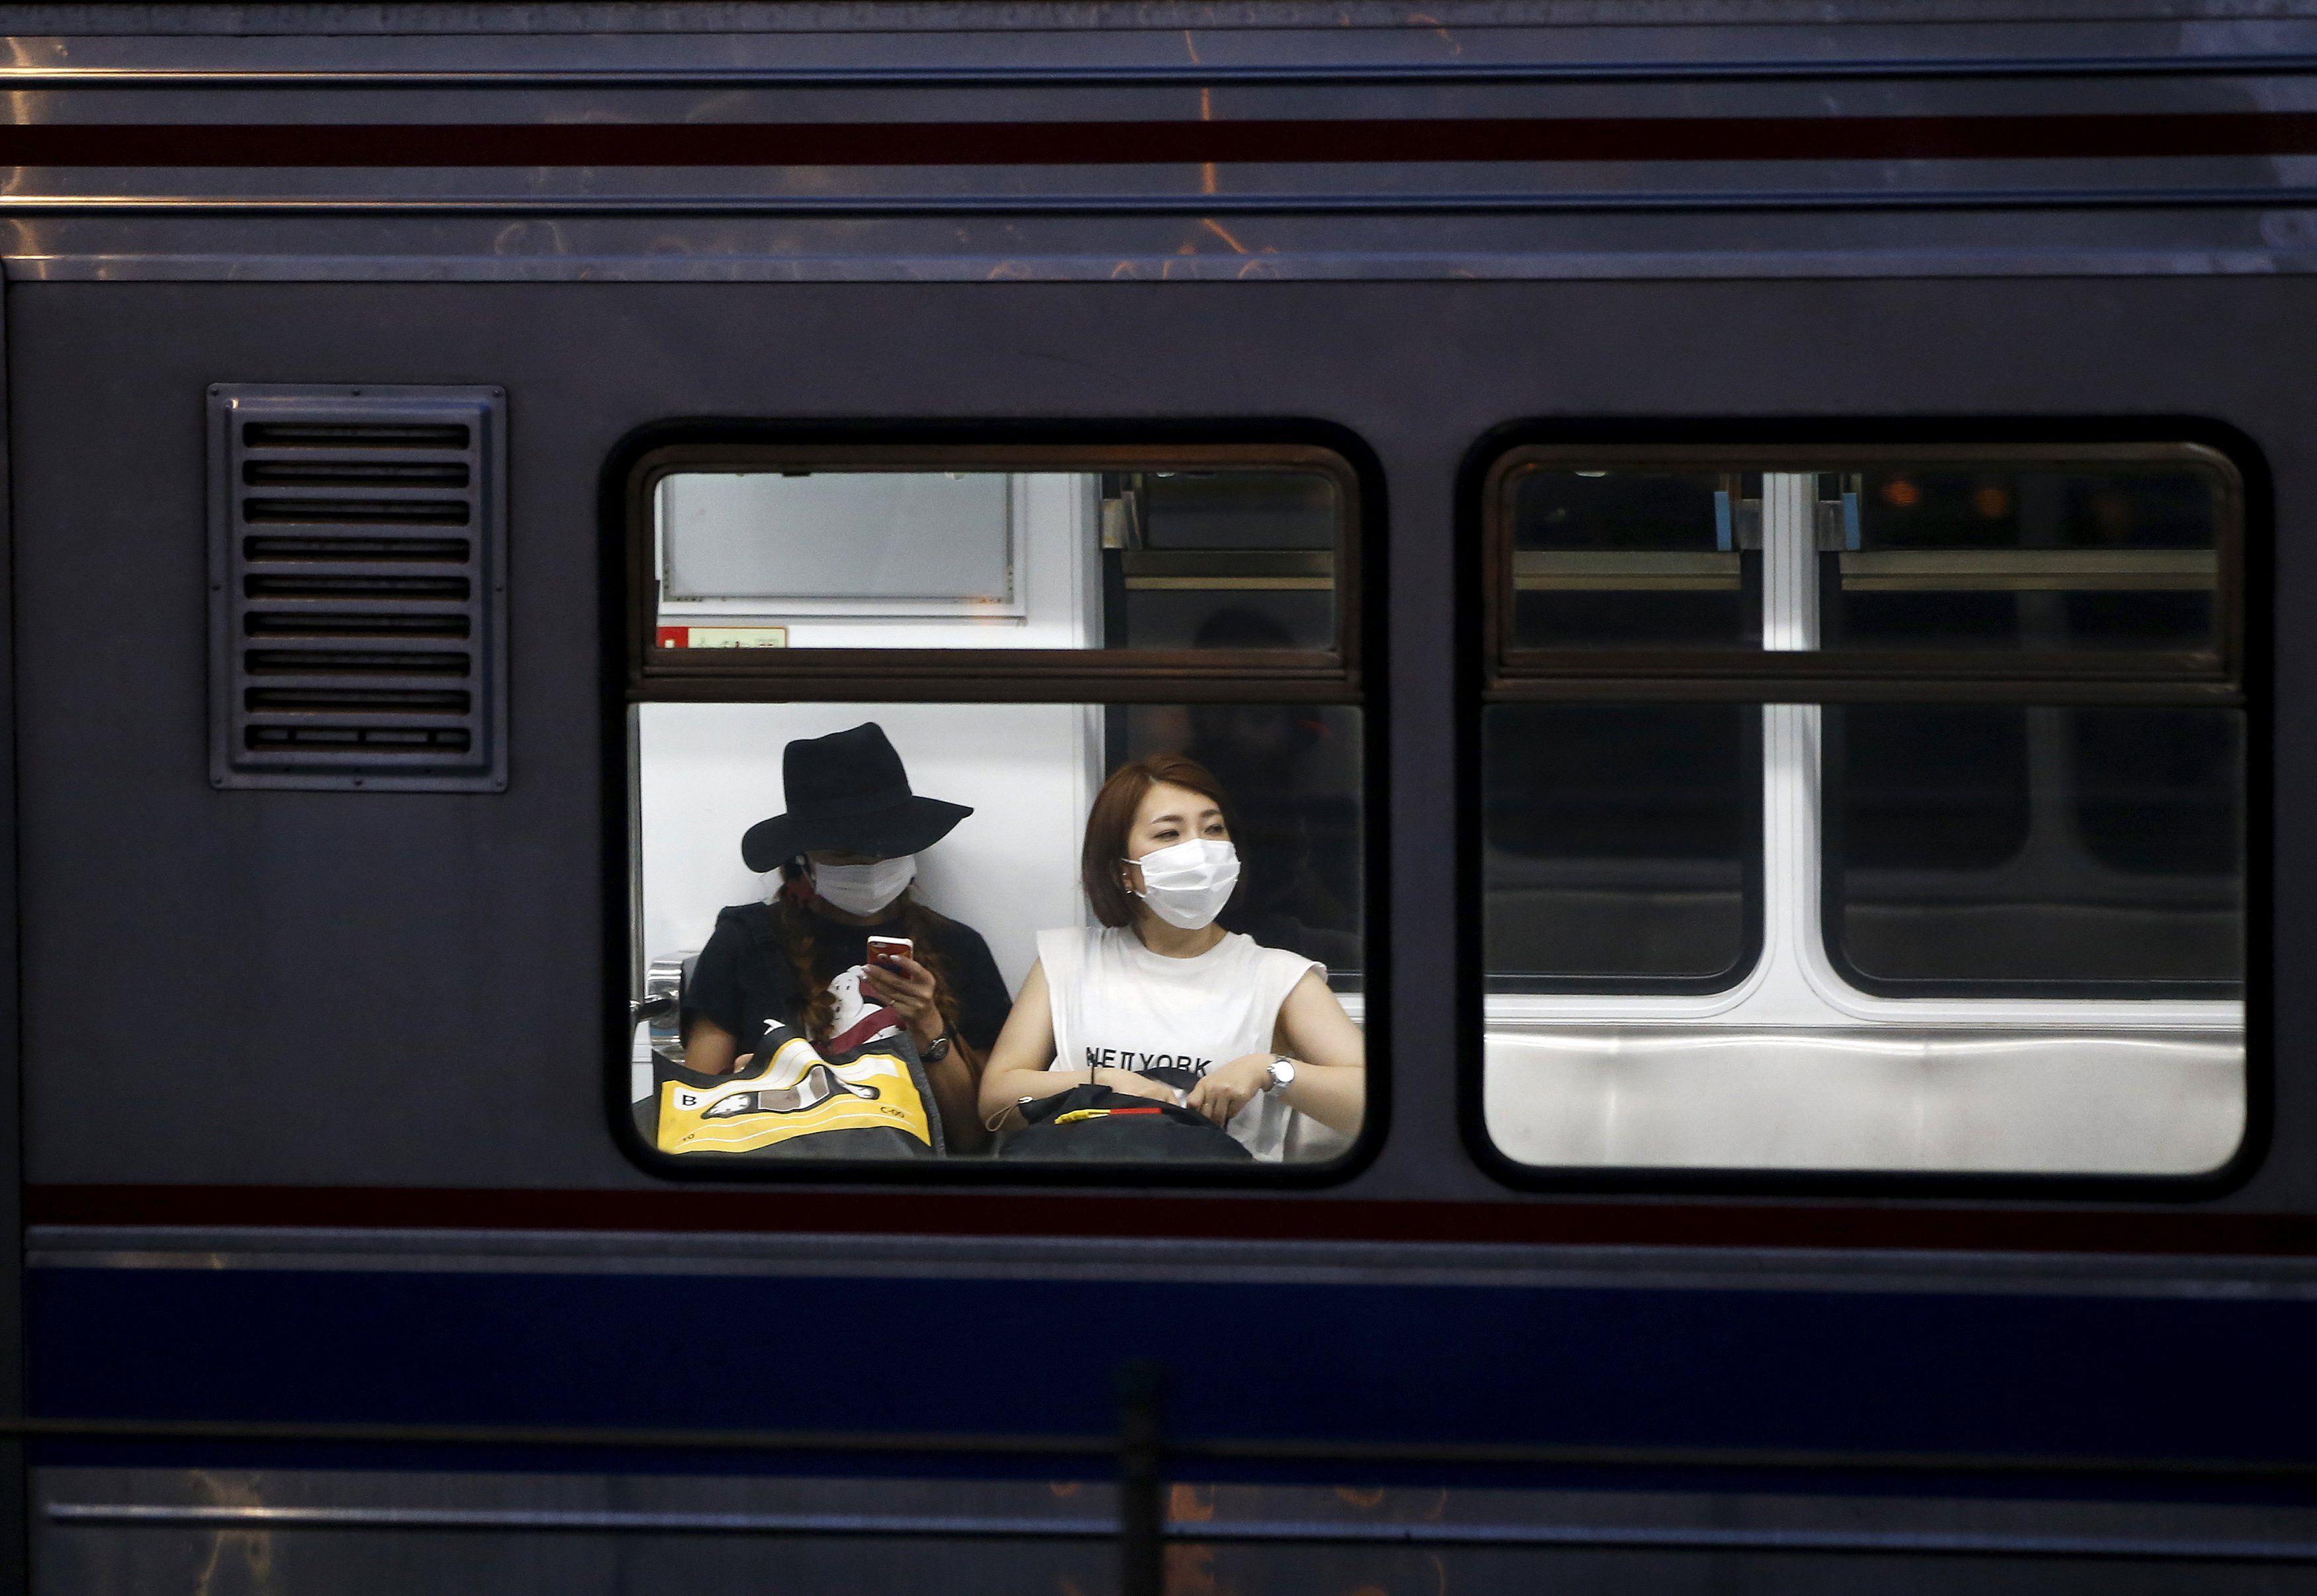 Passageiros usam máscaras em trem na Coreia do Sul / Reuters